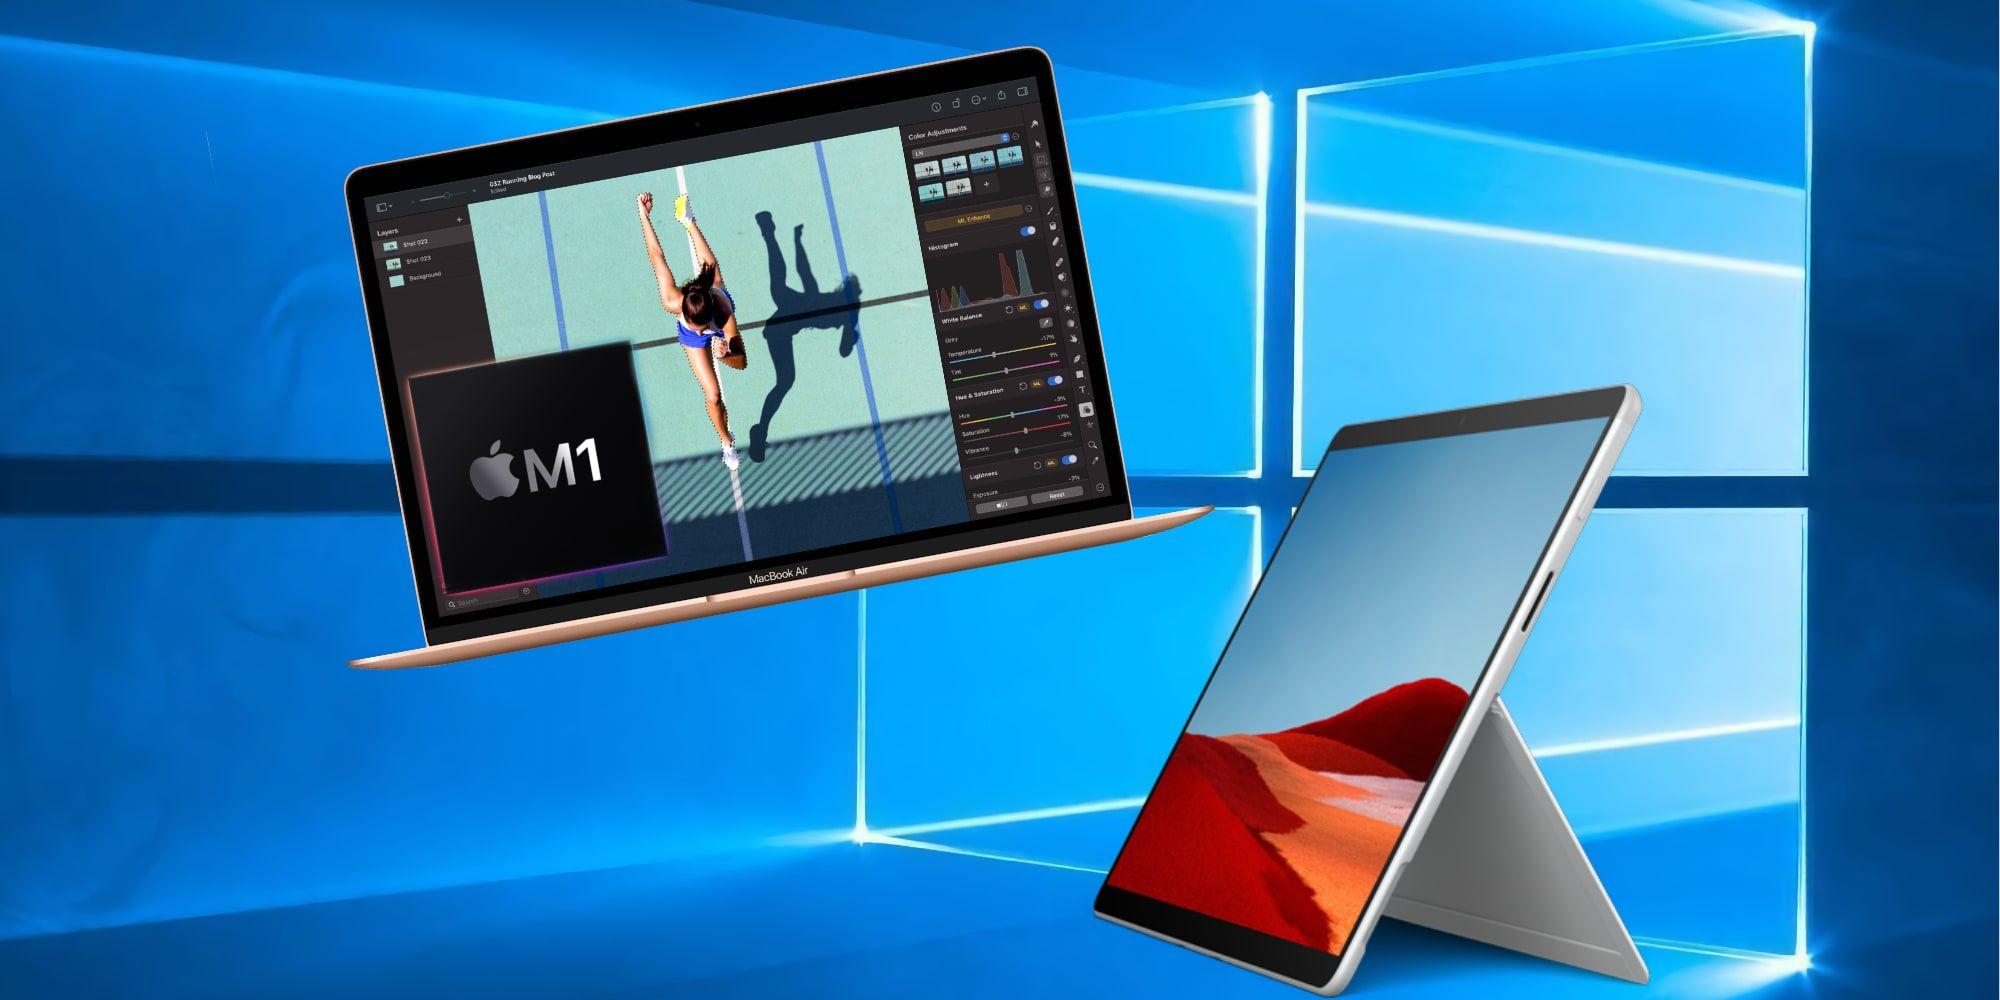 Các kết quả benchmark đã cho thấy những cỗ máy Windows ARM đang thua kém Mac M1 xa như thế nào